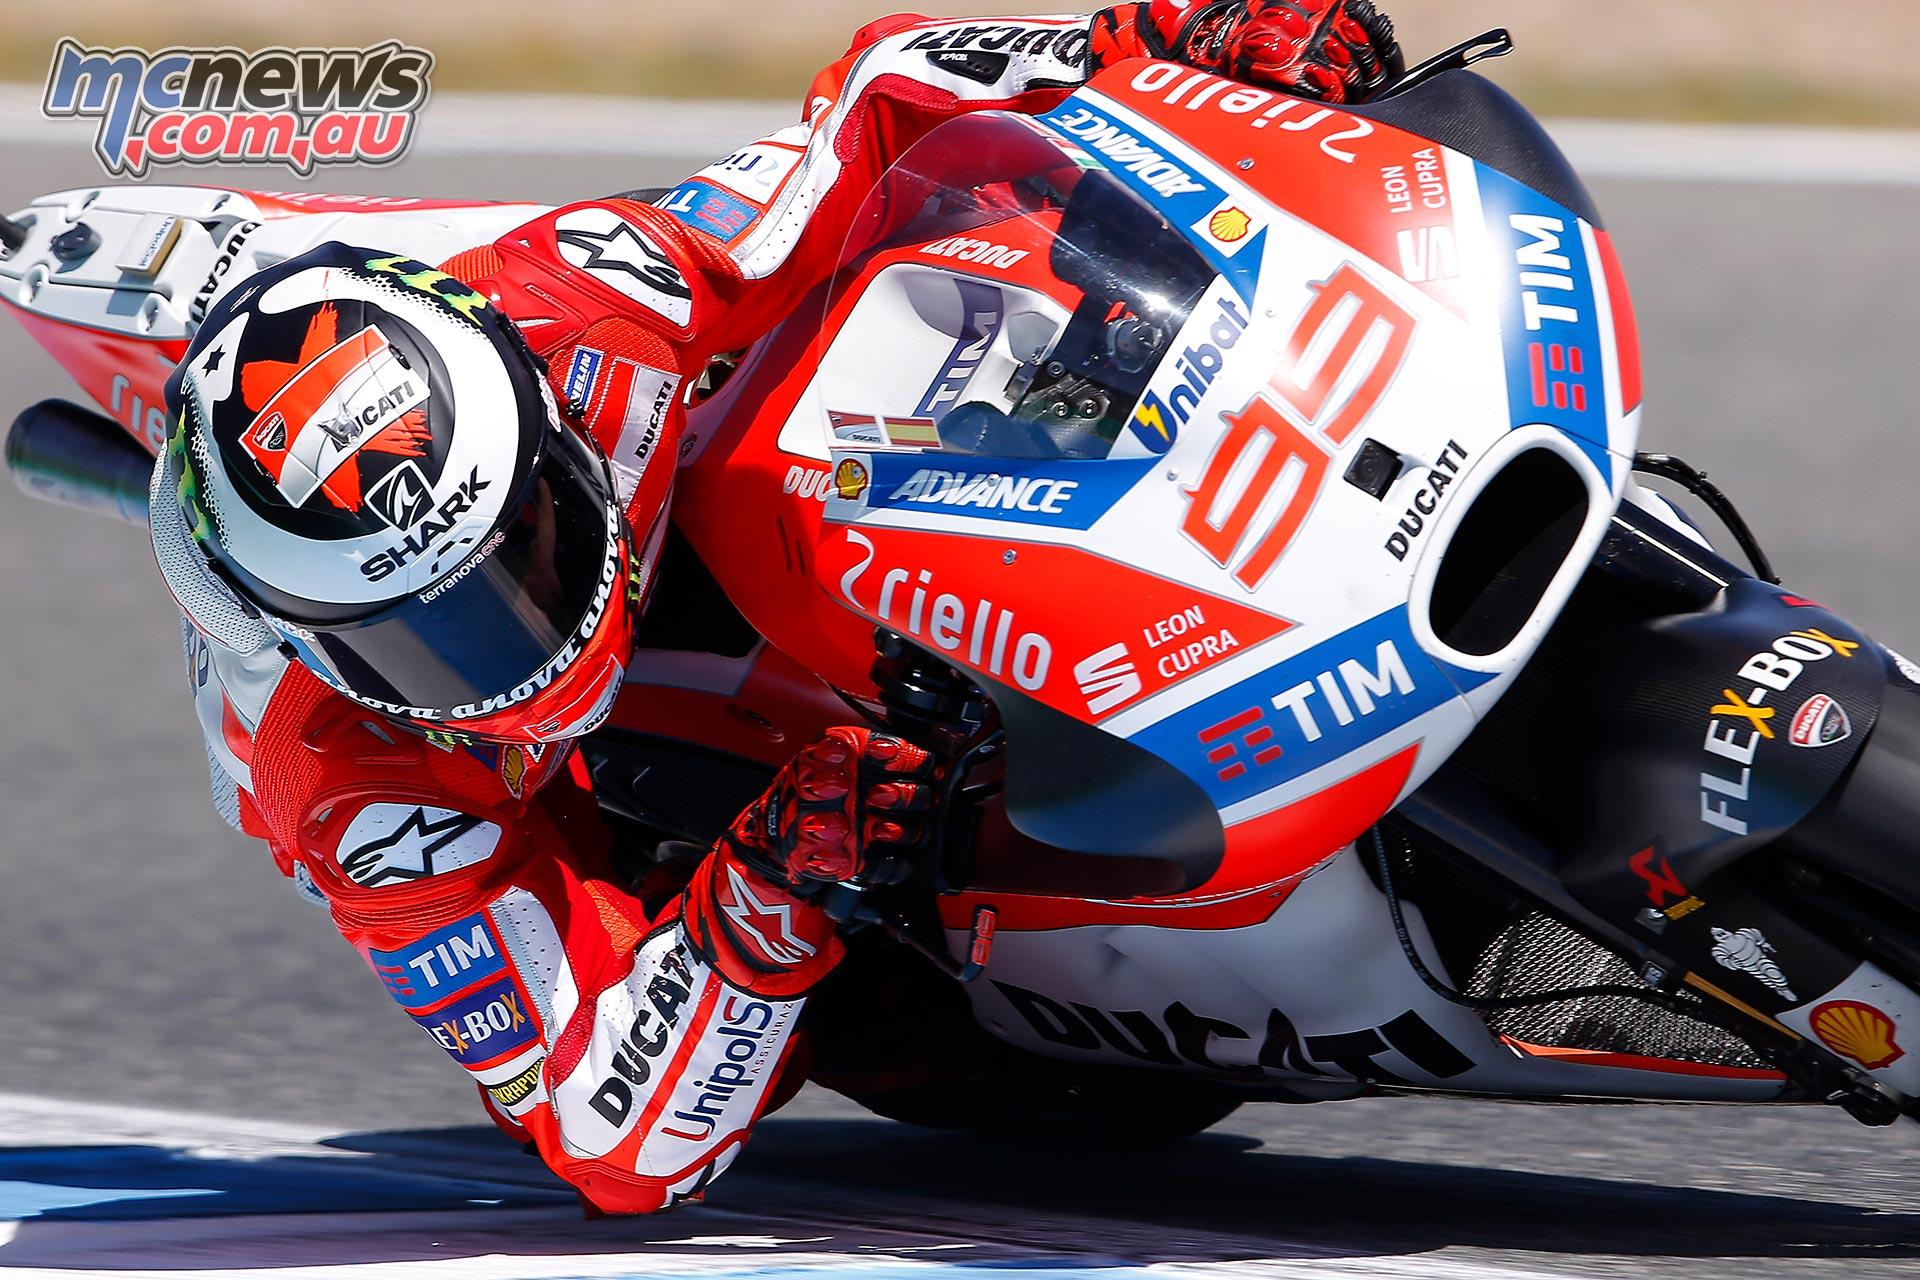 Massive Le Mans MotoGP Preview | The Biggest! | MCNews.com.au